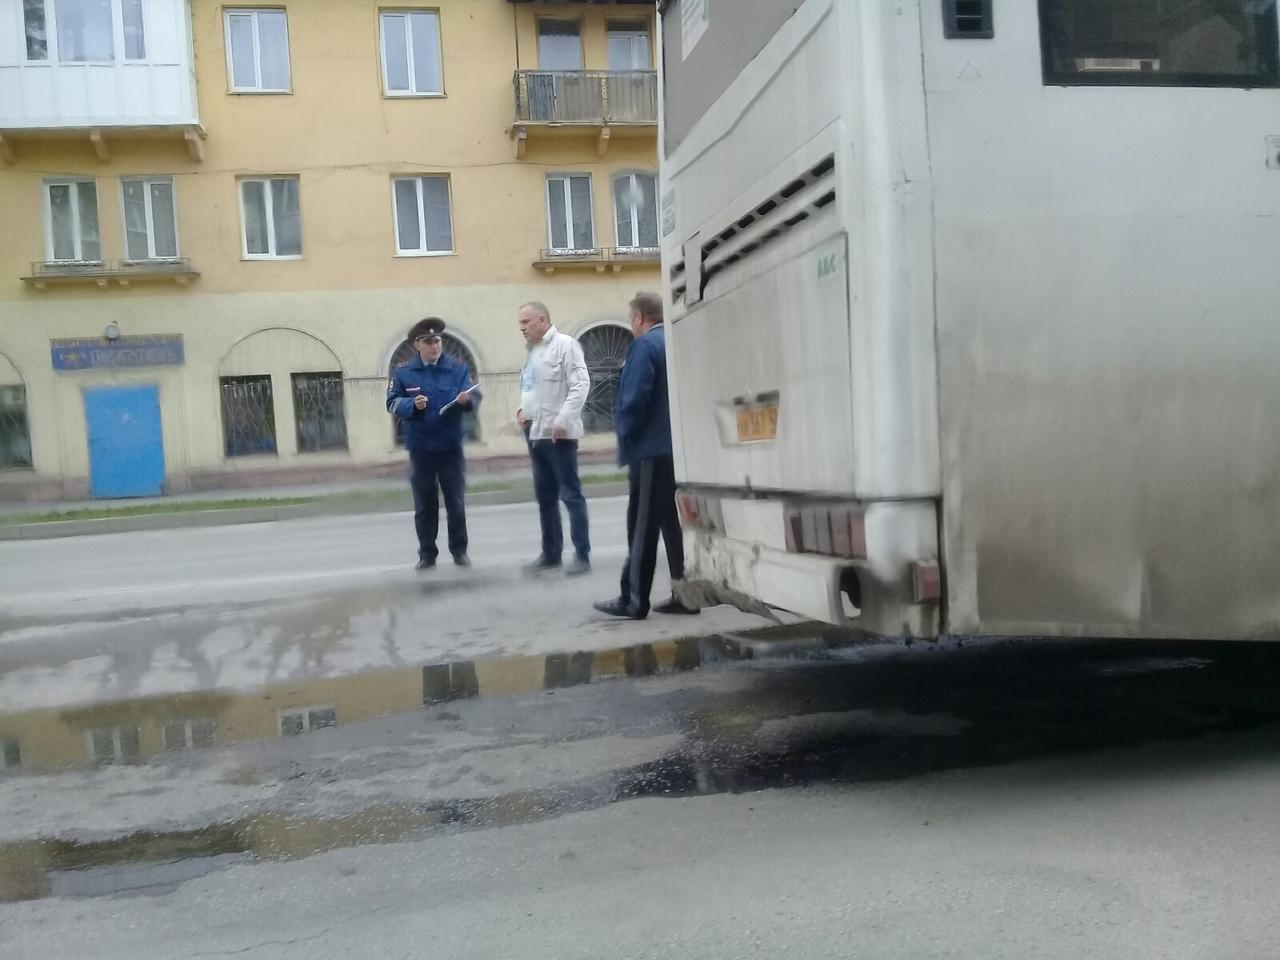 5Ypjag7WN0 - В Белово столкнулись городской автобус и легковой автомобиль. Авария произошла